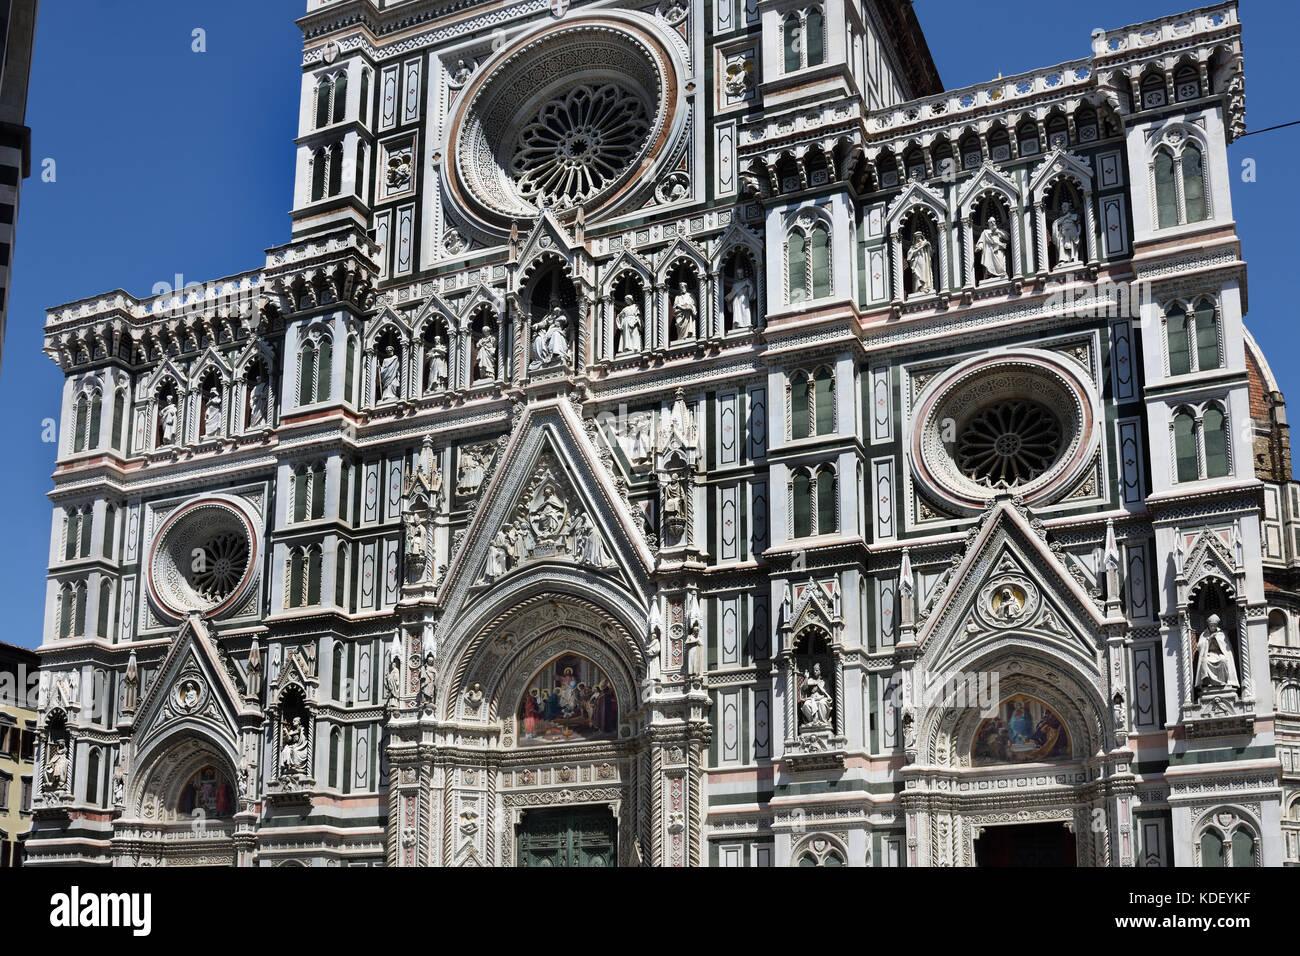 Die Kathedrale Santa Maria del Fiore - Kathedrale der Heiligen Maria der Blume 336 Florenz Italien Il Duomo di Firenze, Stockbild